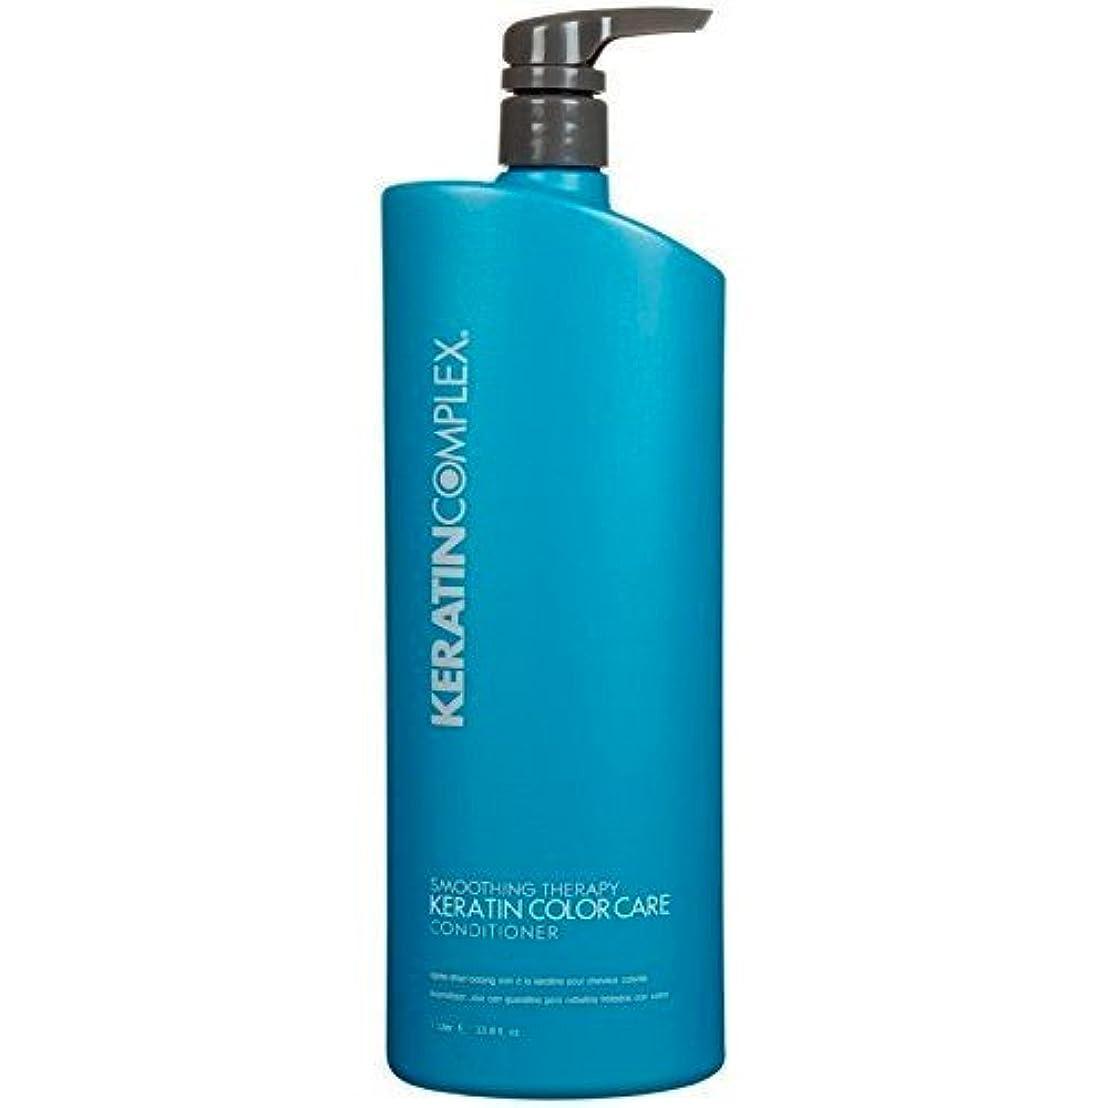 授業料メーター句ケラチンコンプレックス Smoothing Therapy Keratin Color Care Conditioner (For All Hair Types) 1000ml